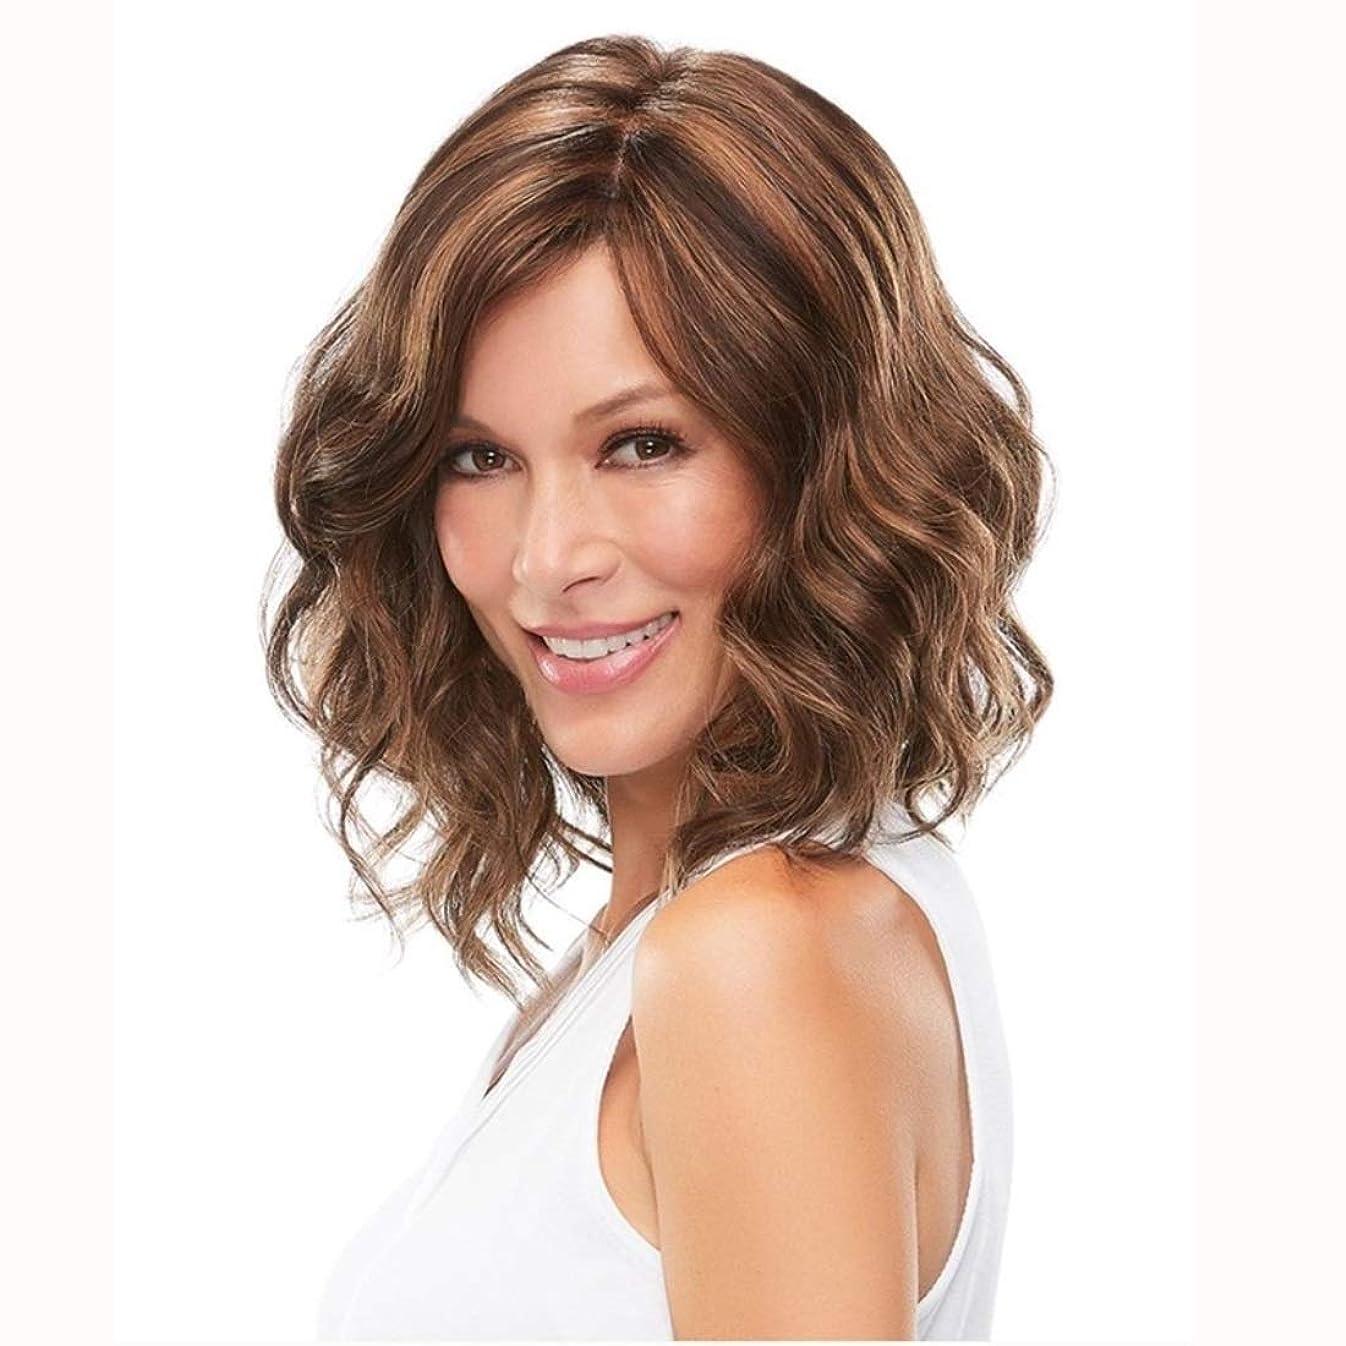 肉屋ヘクタール十一Summerys 短い巻き毛のふわふわのかつら女性の女の子のための短い波状の合成かつら